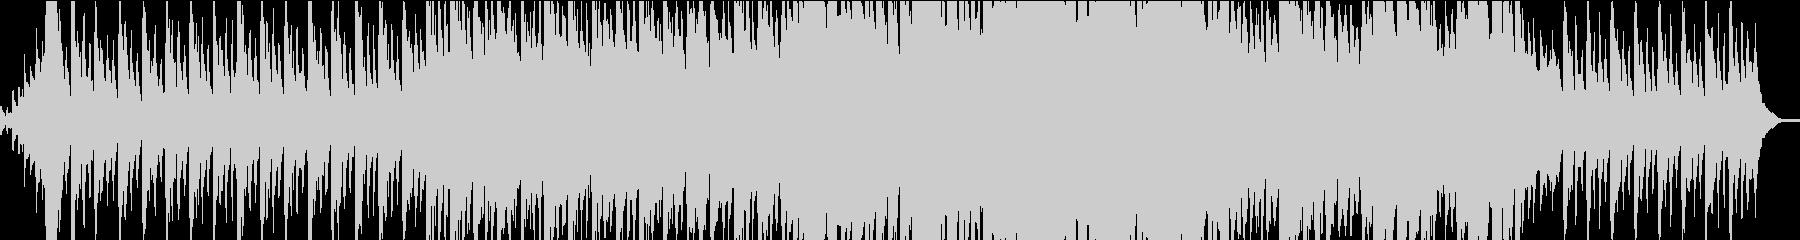 Christmas Musicの未再生の波形